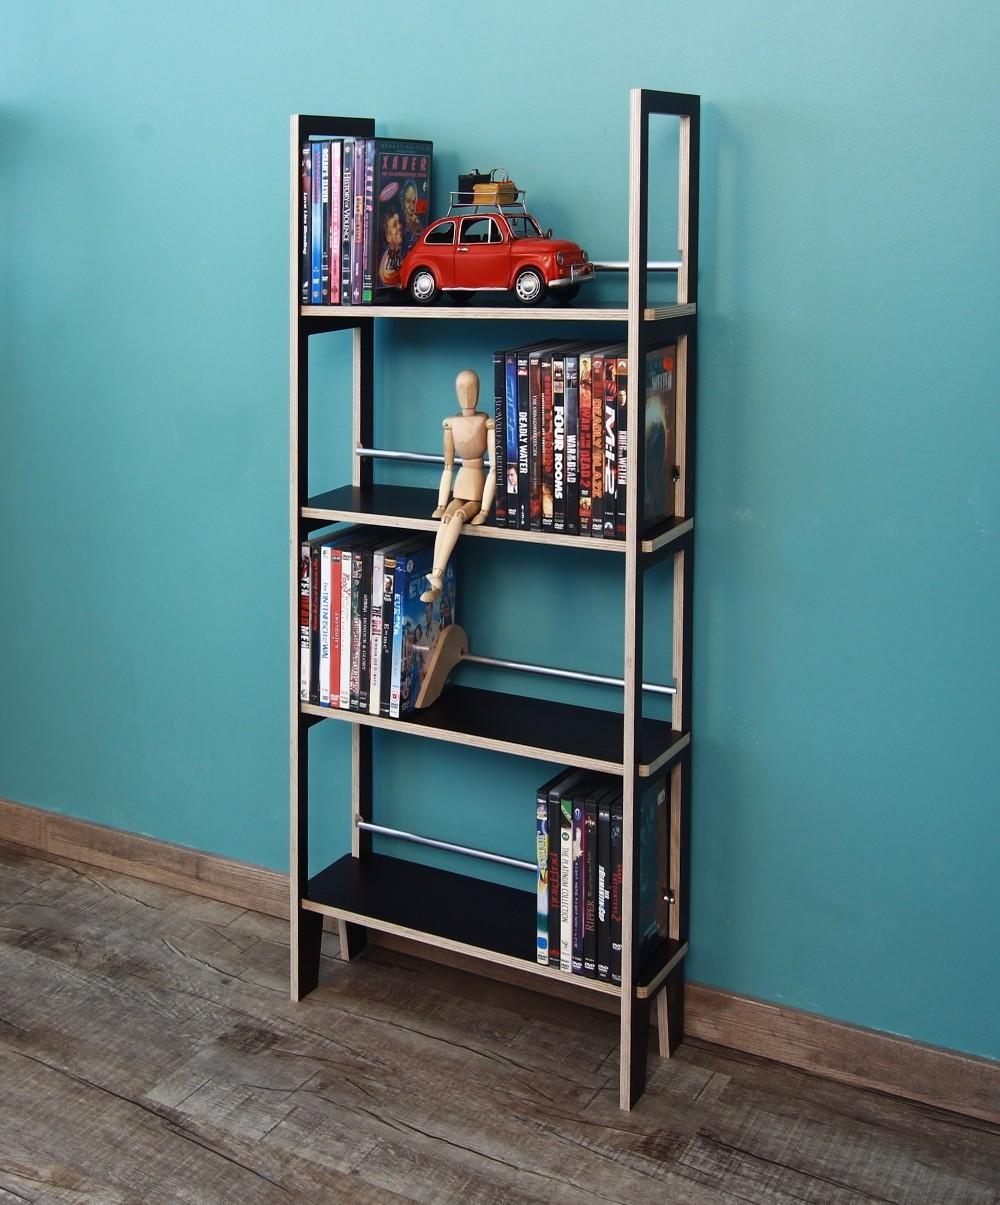 dvd regal in schwarz 1 meter hoch mit platz f r ca 110 dvds. Black Bedroom Furniture Sets. Home Design Ideas